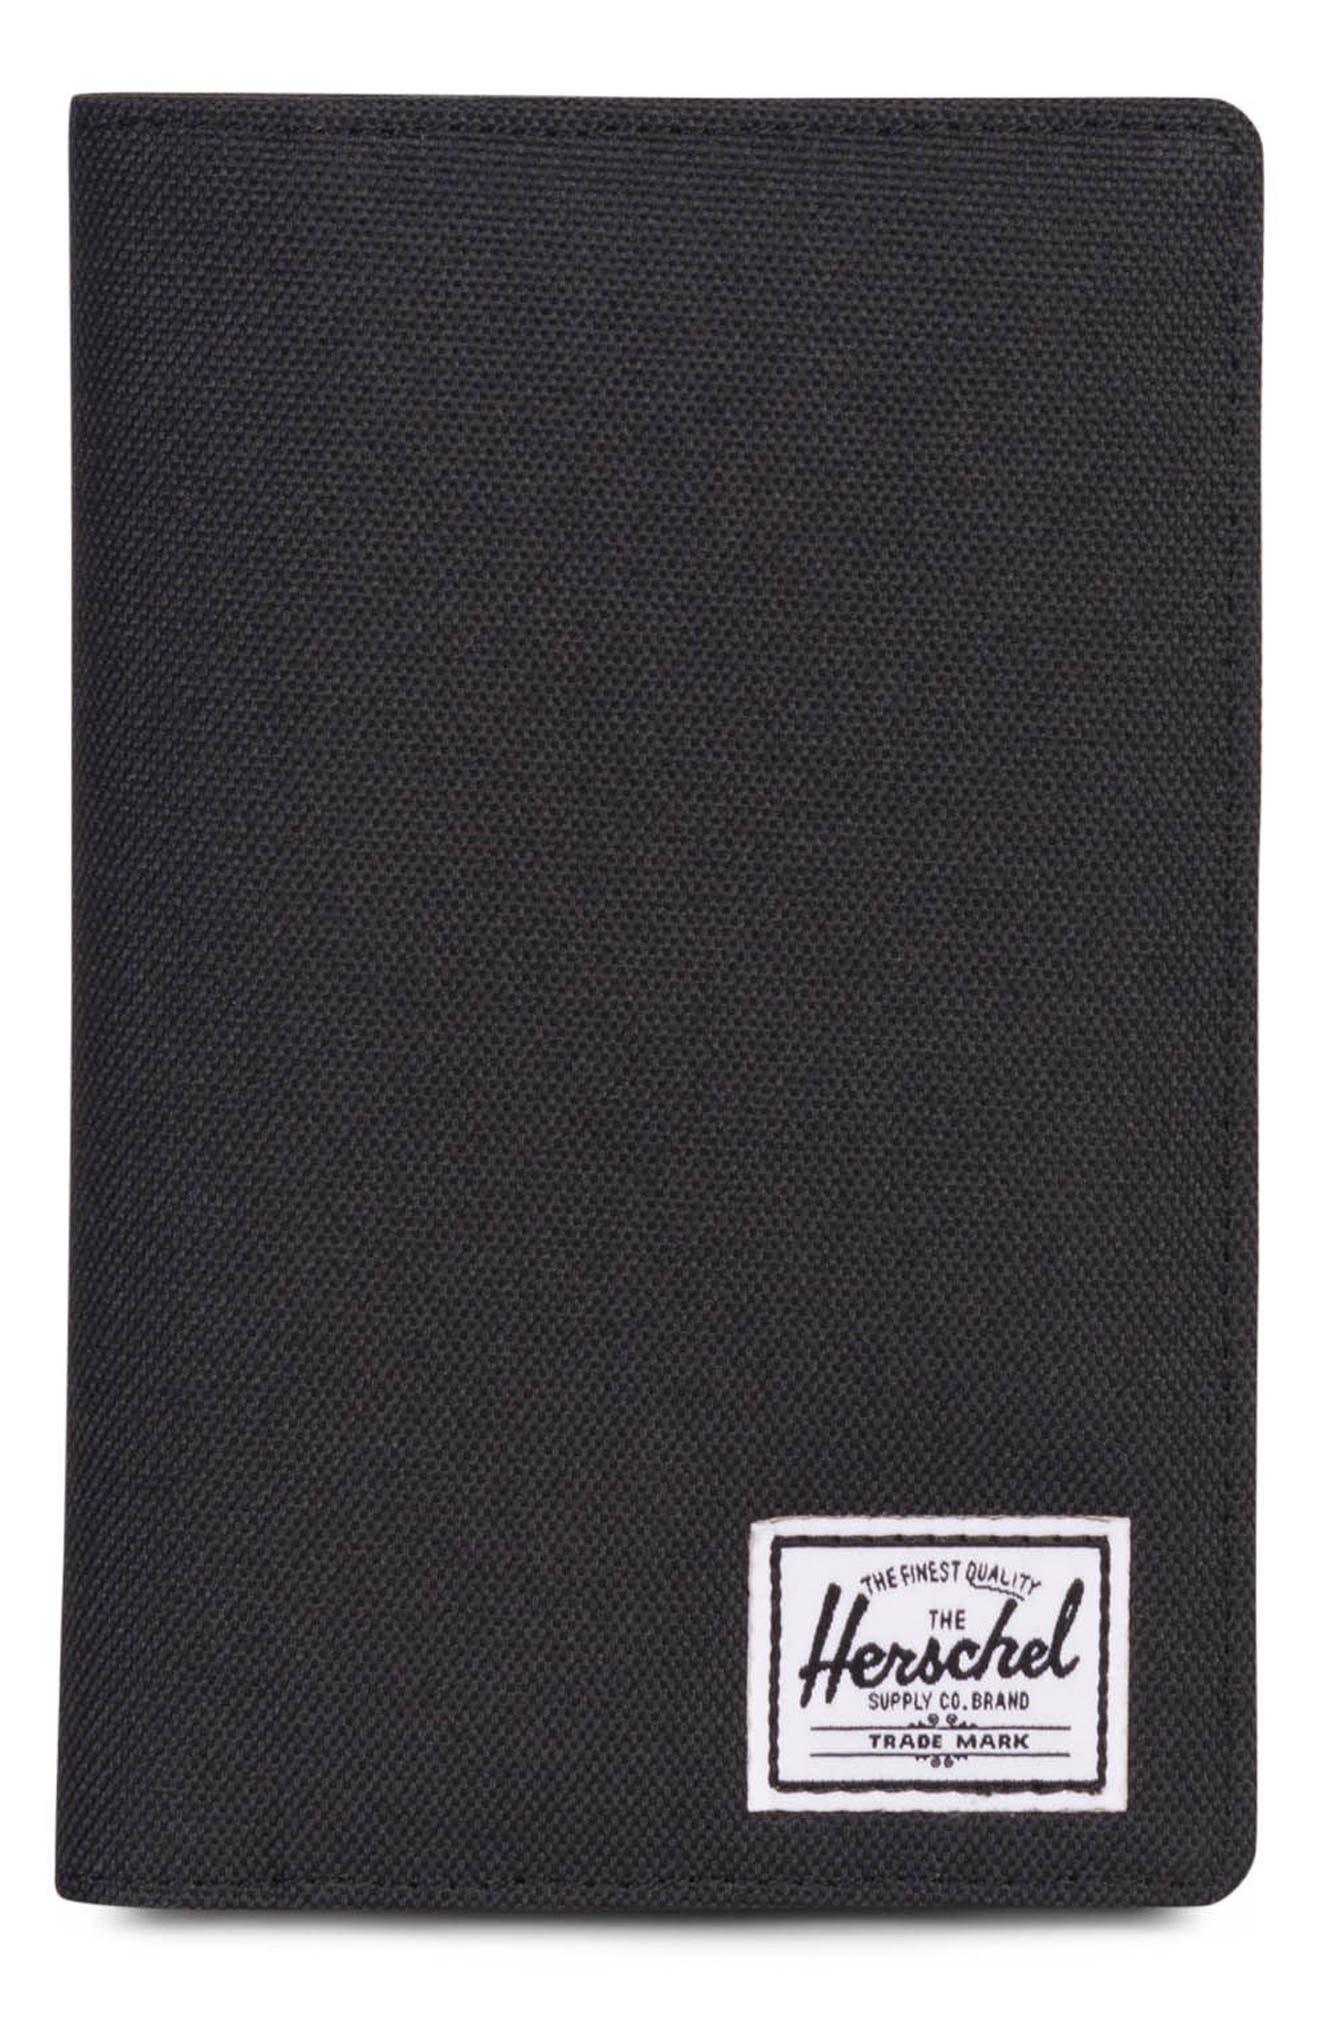 Herschel Supply Co. Search Passport Holder